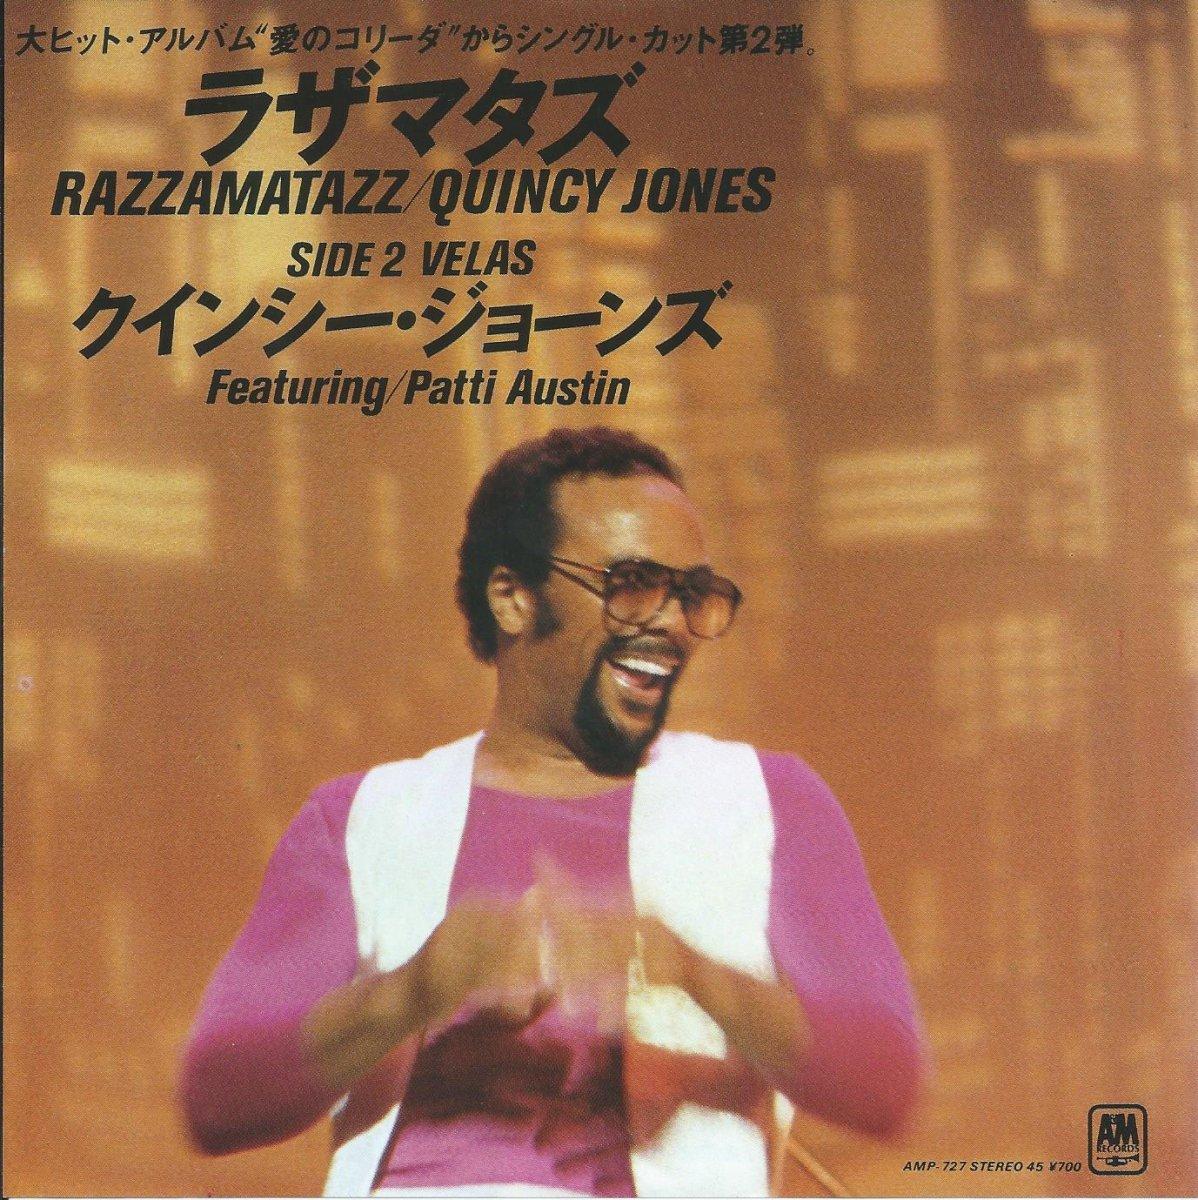 クインシー・ジョーンズ QUINCY JONES / ラザマタズ RAZZAMATAZZ (7